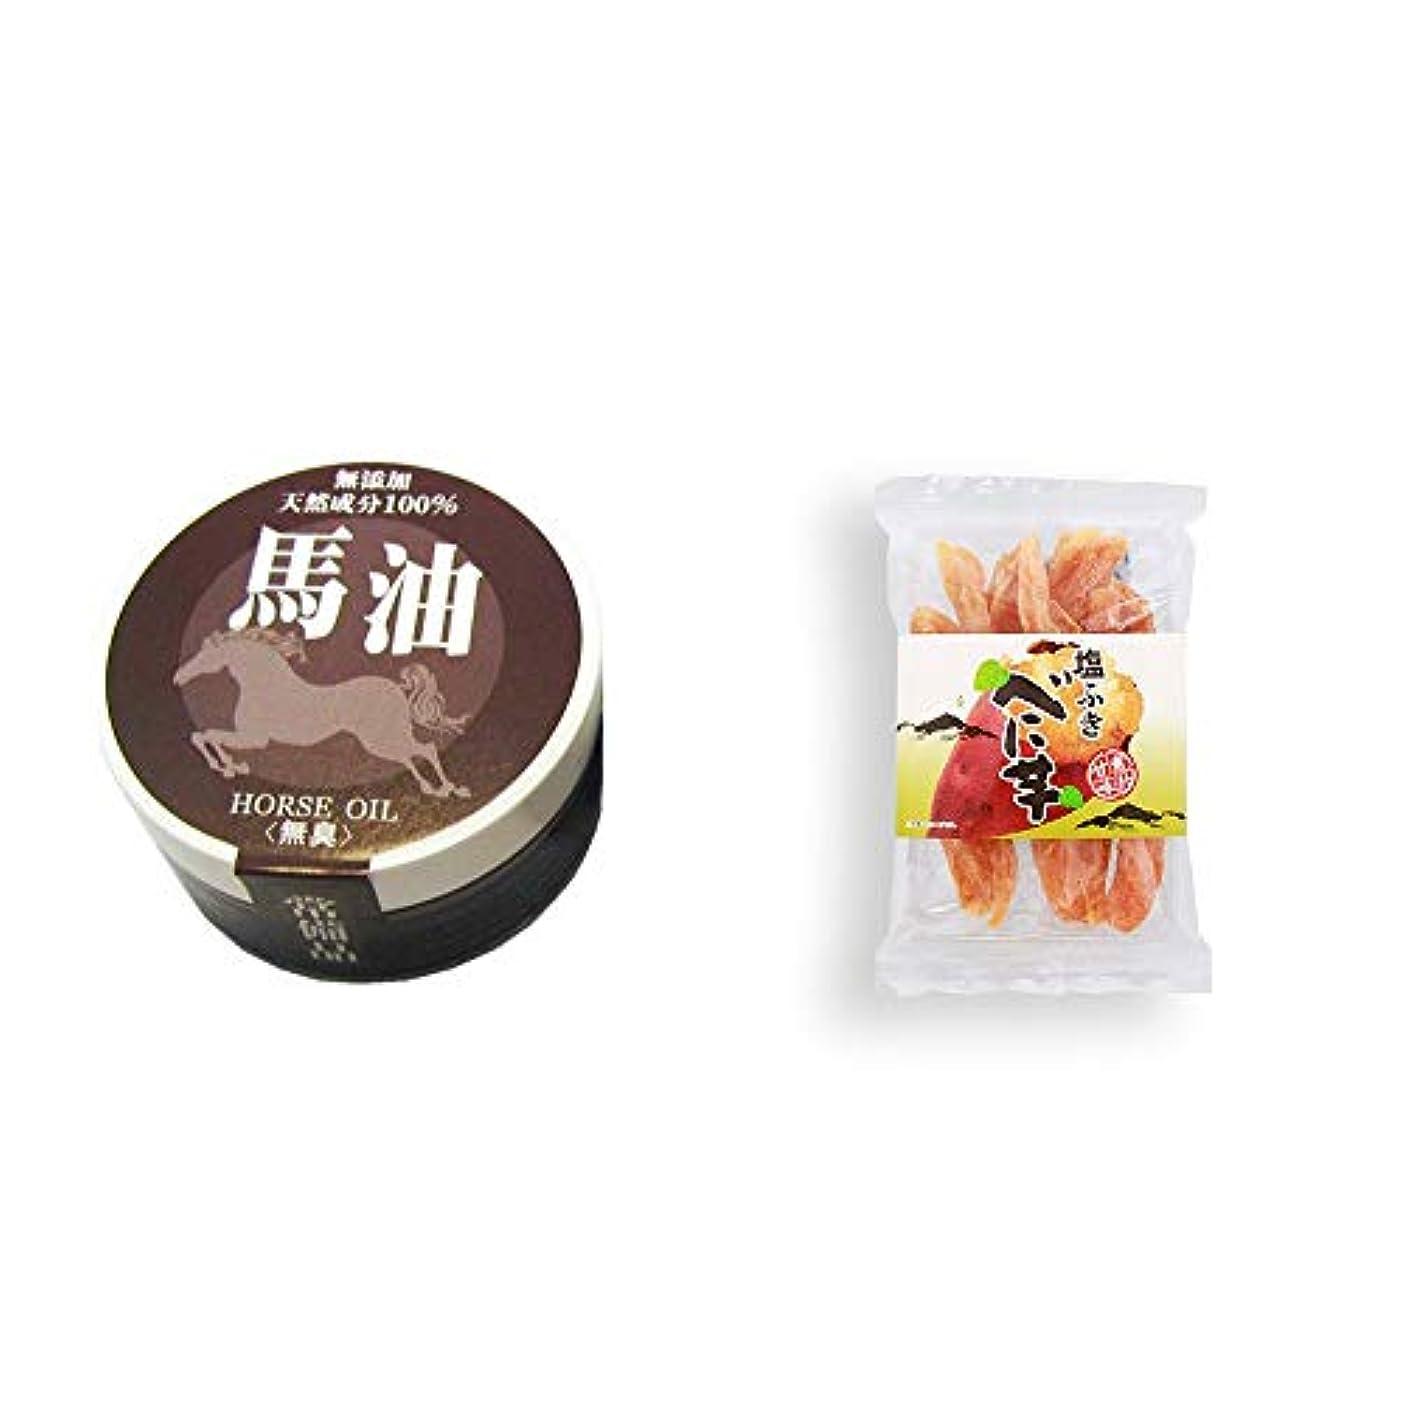 剃る懲らしめコウモリ[2点セット] 無添加天然成分100% 馬油[無香料](38g)?塩ふき べに芋(250g)